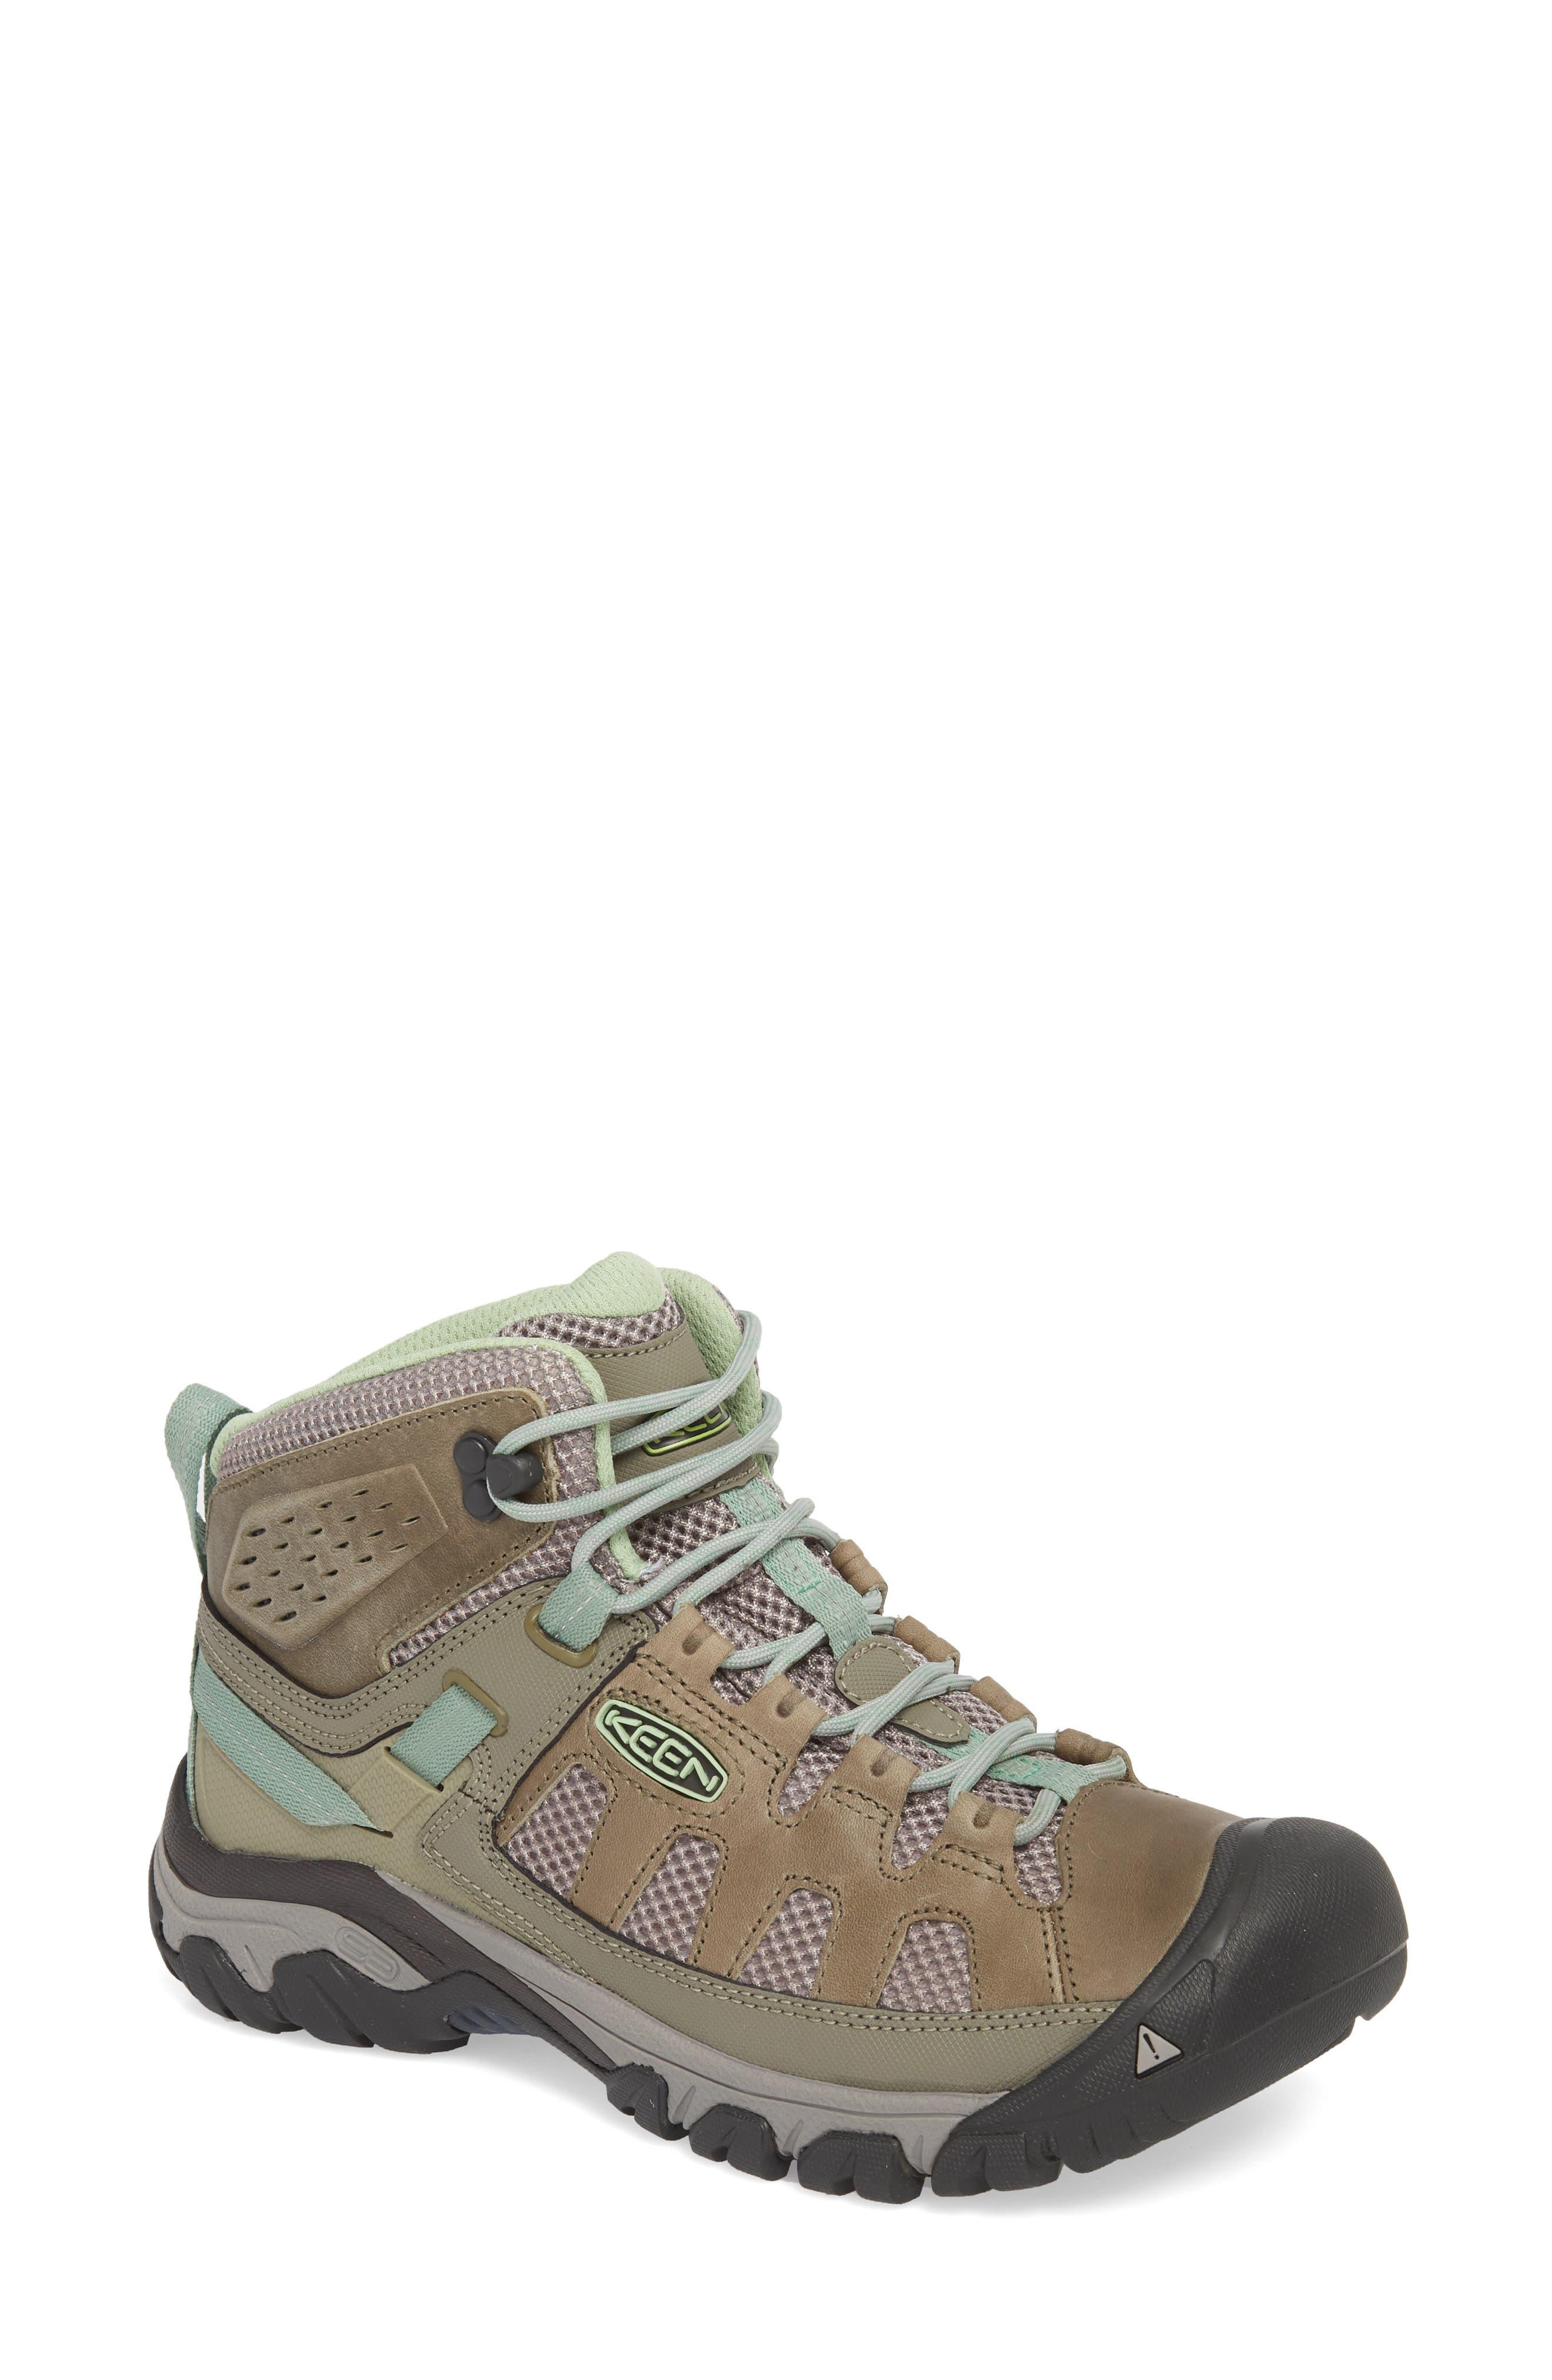 Targhee Vent Hiking Sneakers Targhee Vent M Keen Mens